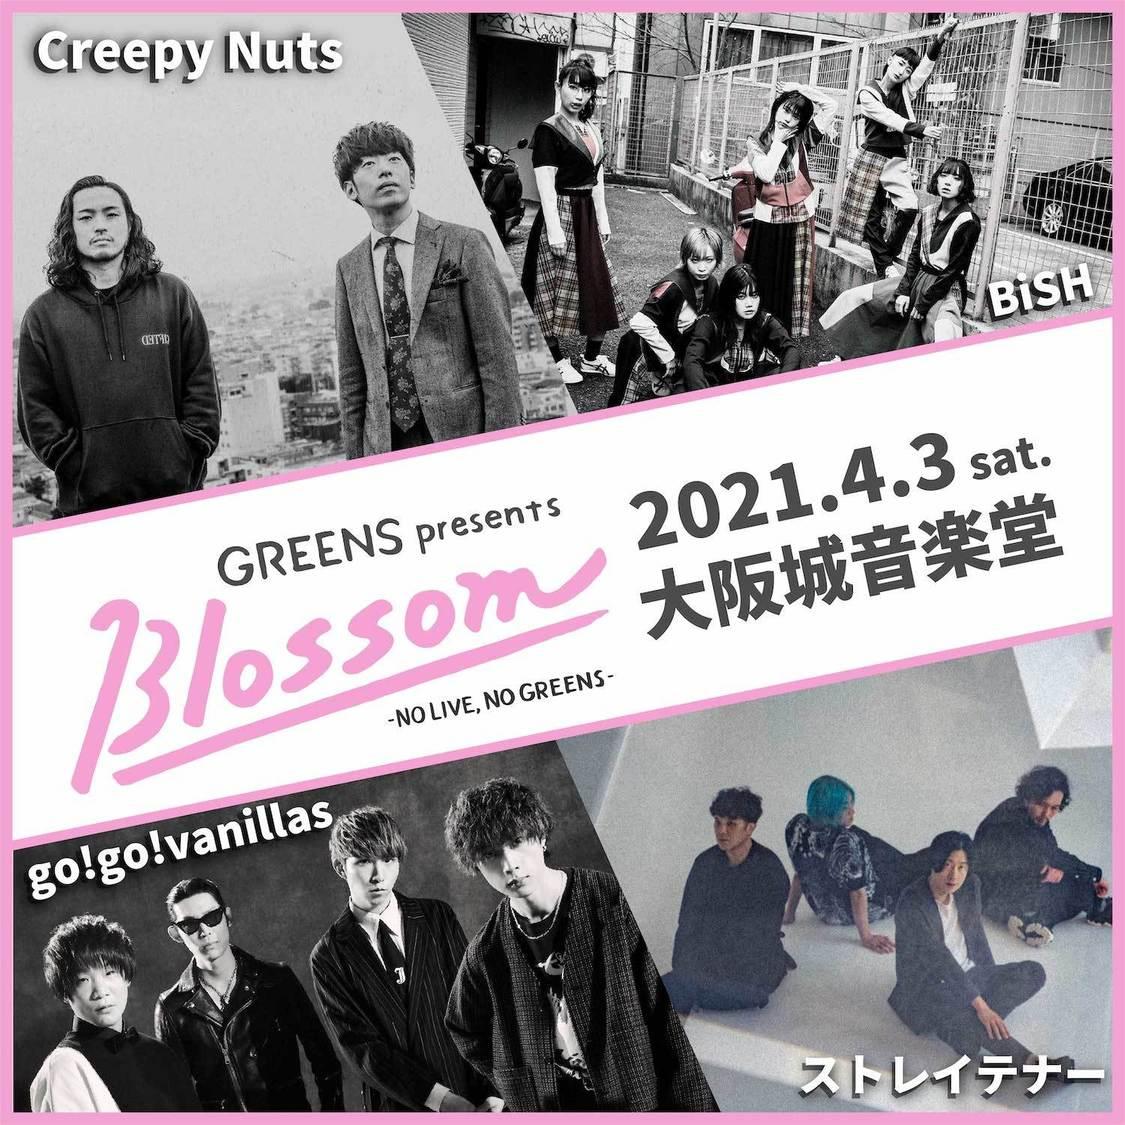 """BiSH、<GREENS presents """"Blossom"""" - NO LIVE, NO GREENS ->出演決定!"""